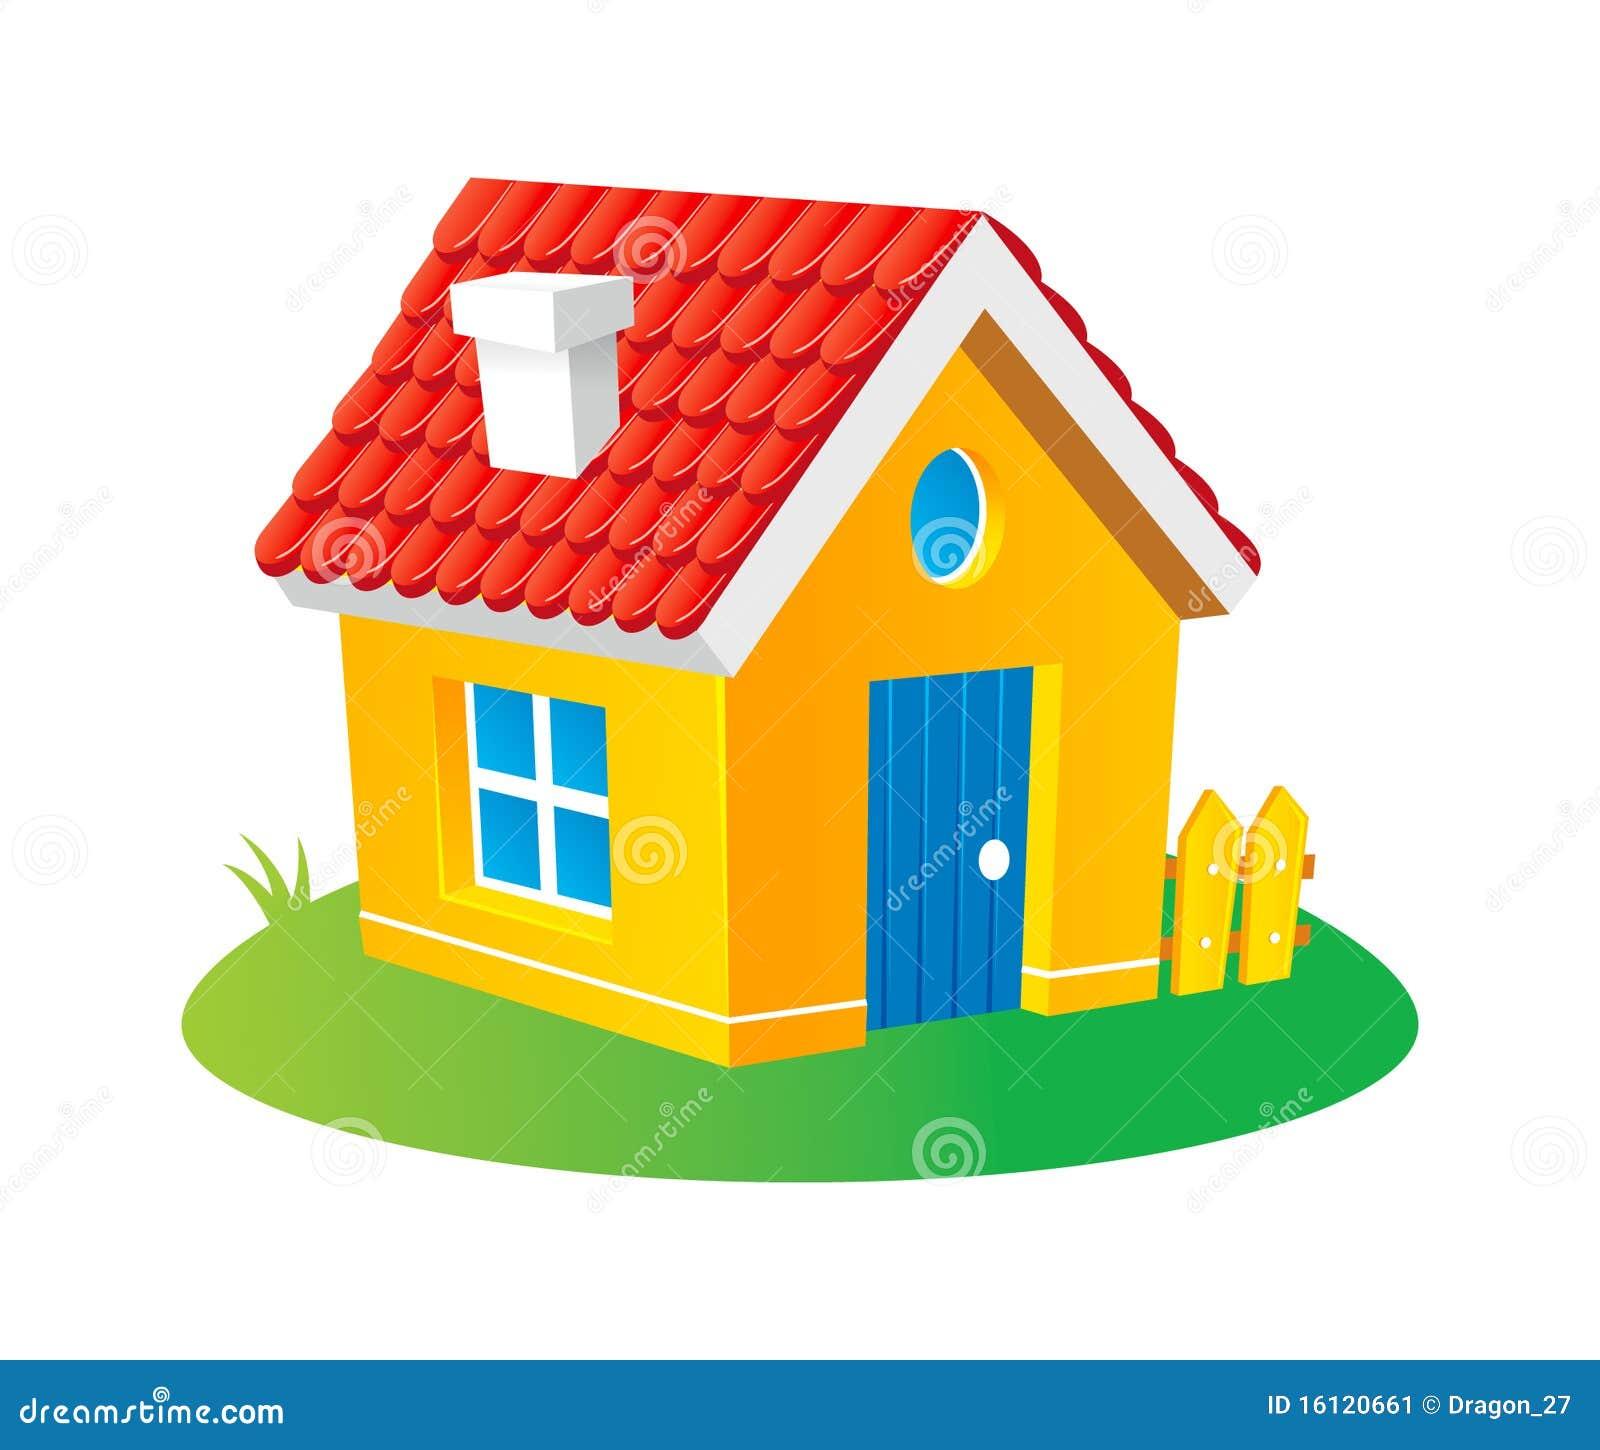 Maison de dessin anim image stock image 16120661 for Image maison dessin